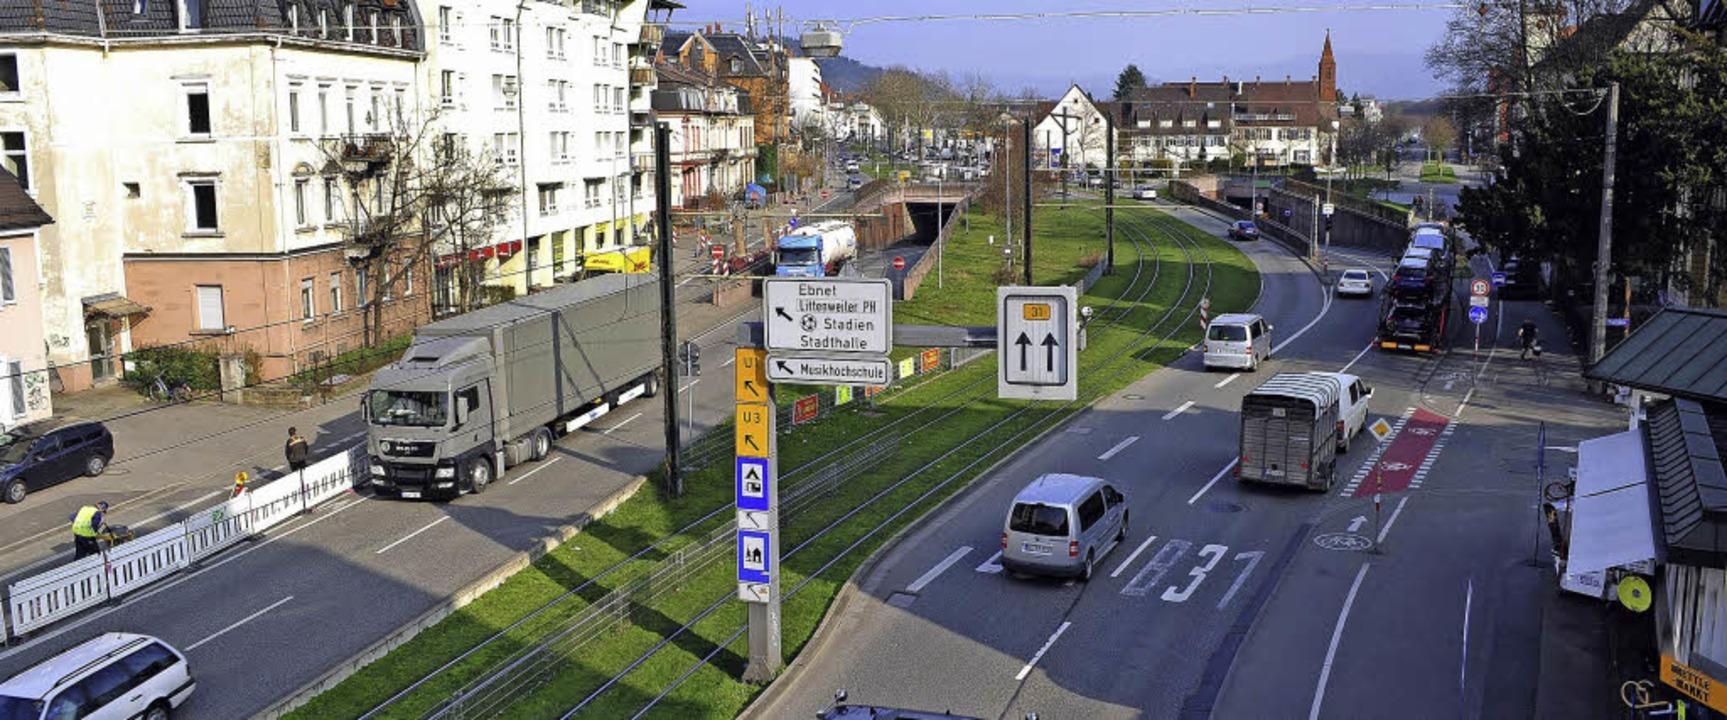 Die B 31 trennt heute Oberau (links) u...änen zufolge die Situation verbessern.  | Foto: Thomas Kunz